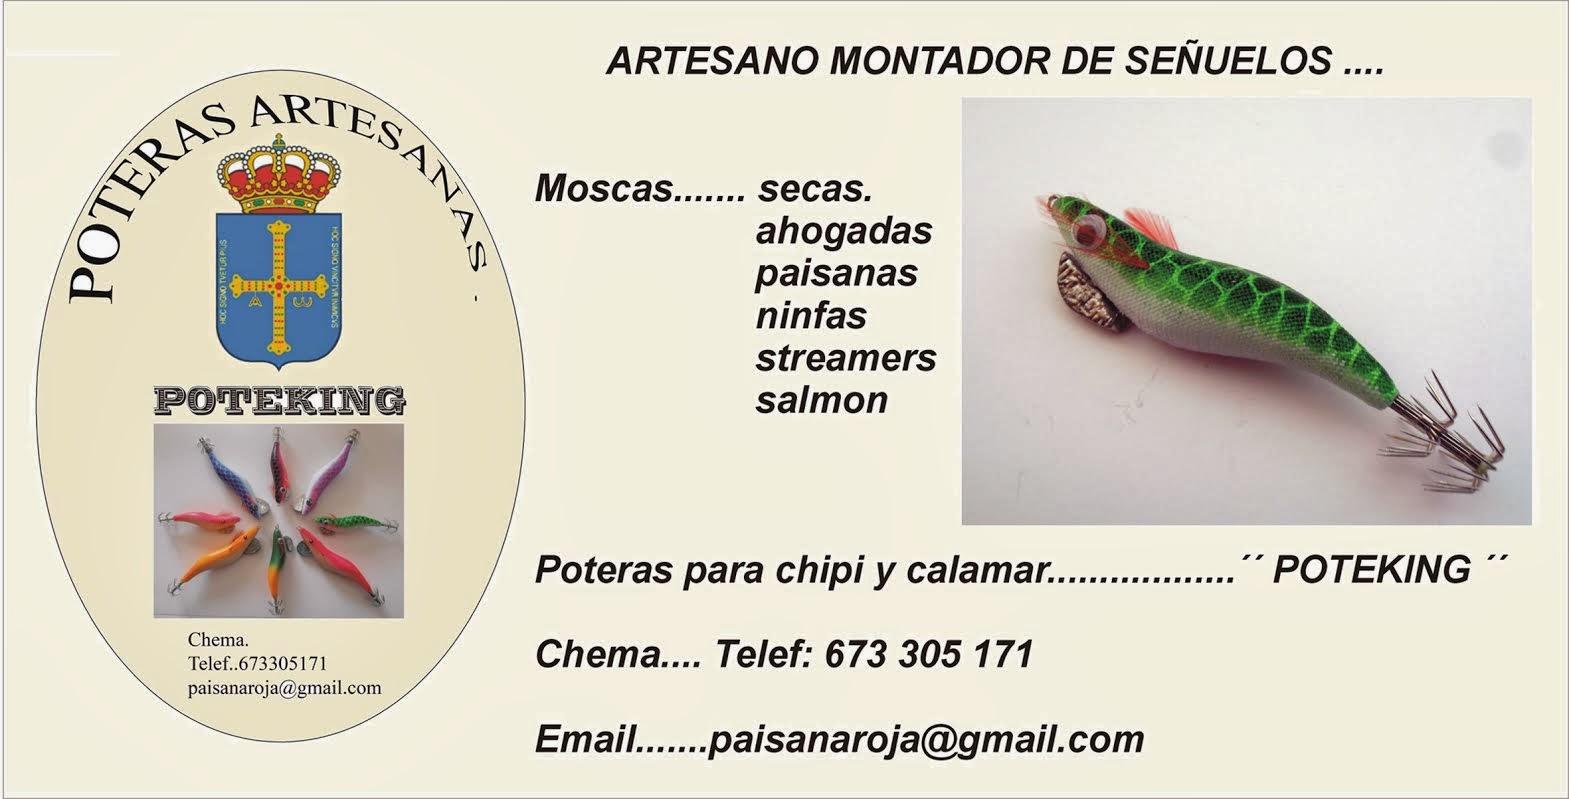 Artesano asturiano montador de moscas para la pesca y POTERAS CALAMAR